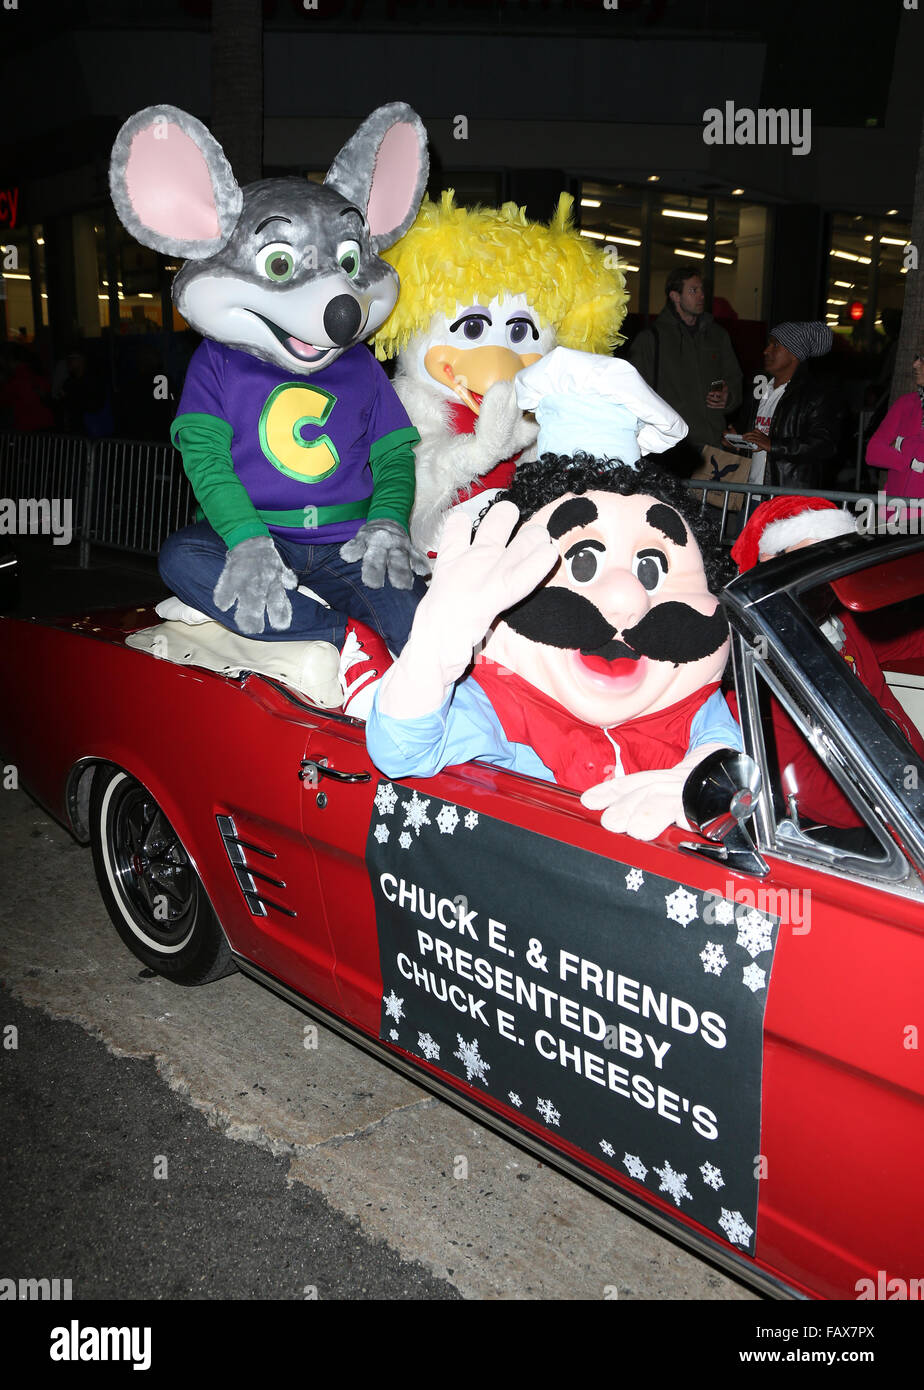 Chuck E Cheese Christmas.2015 Hollywood Christmas Parade Car Shots Featuring Chuck E